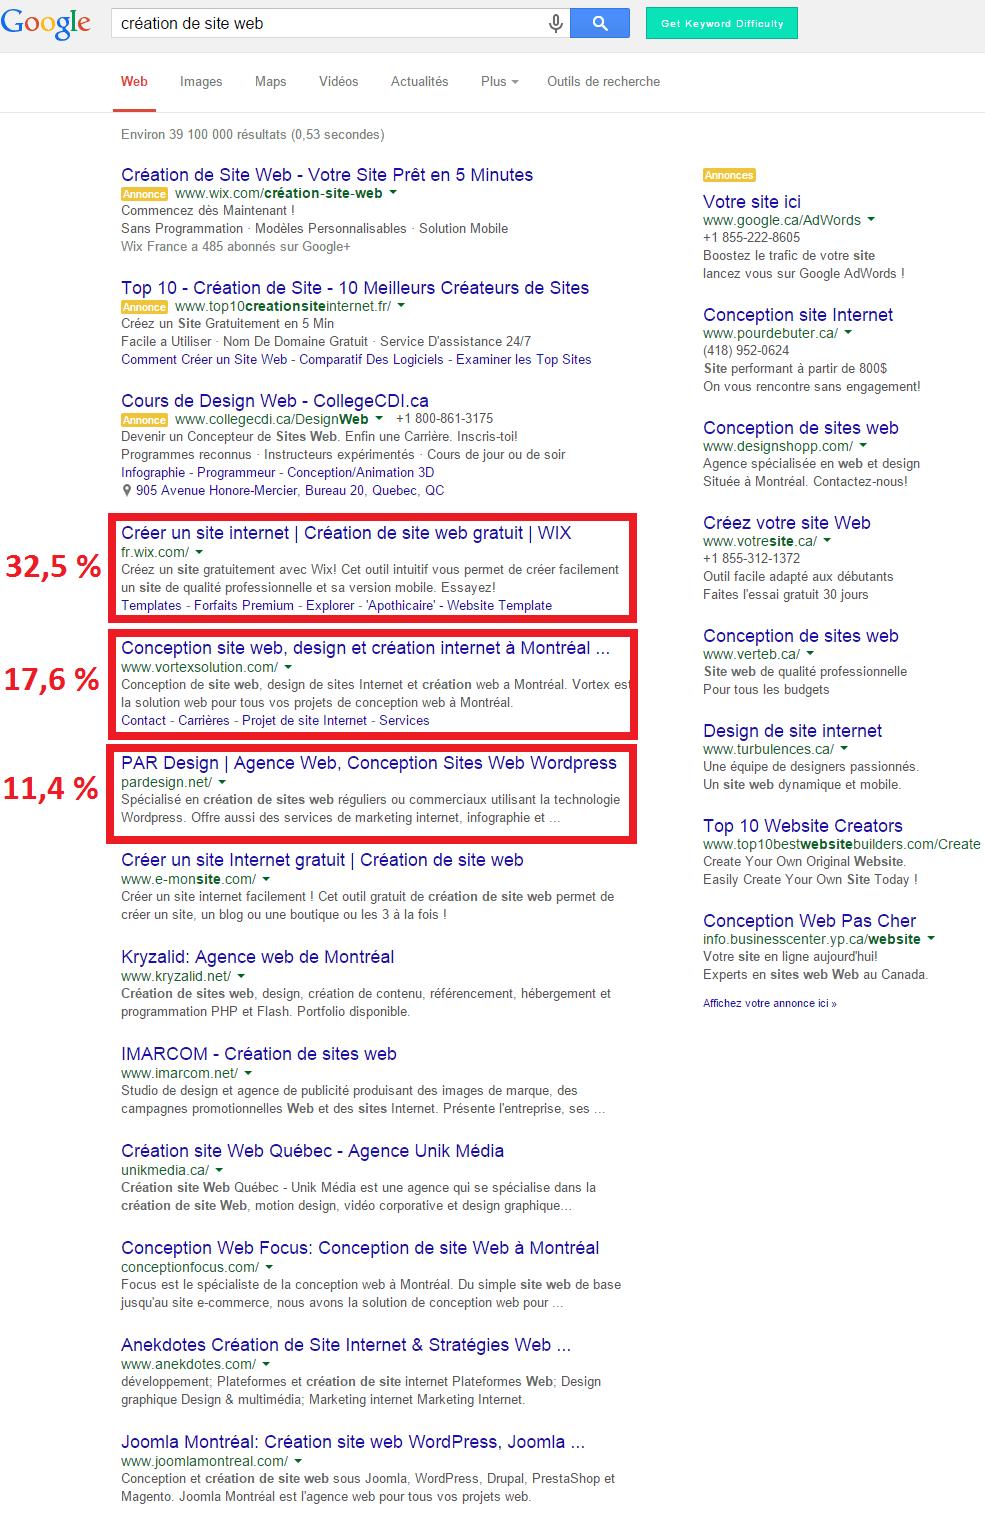 Populaire ✅ La première page de Google en statistique - P-A Levesque MX17